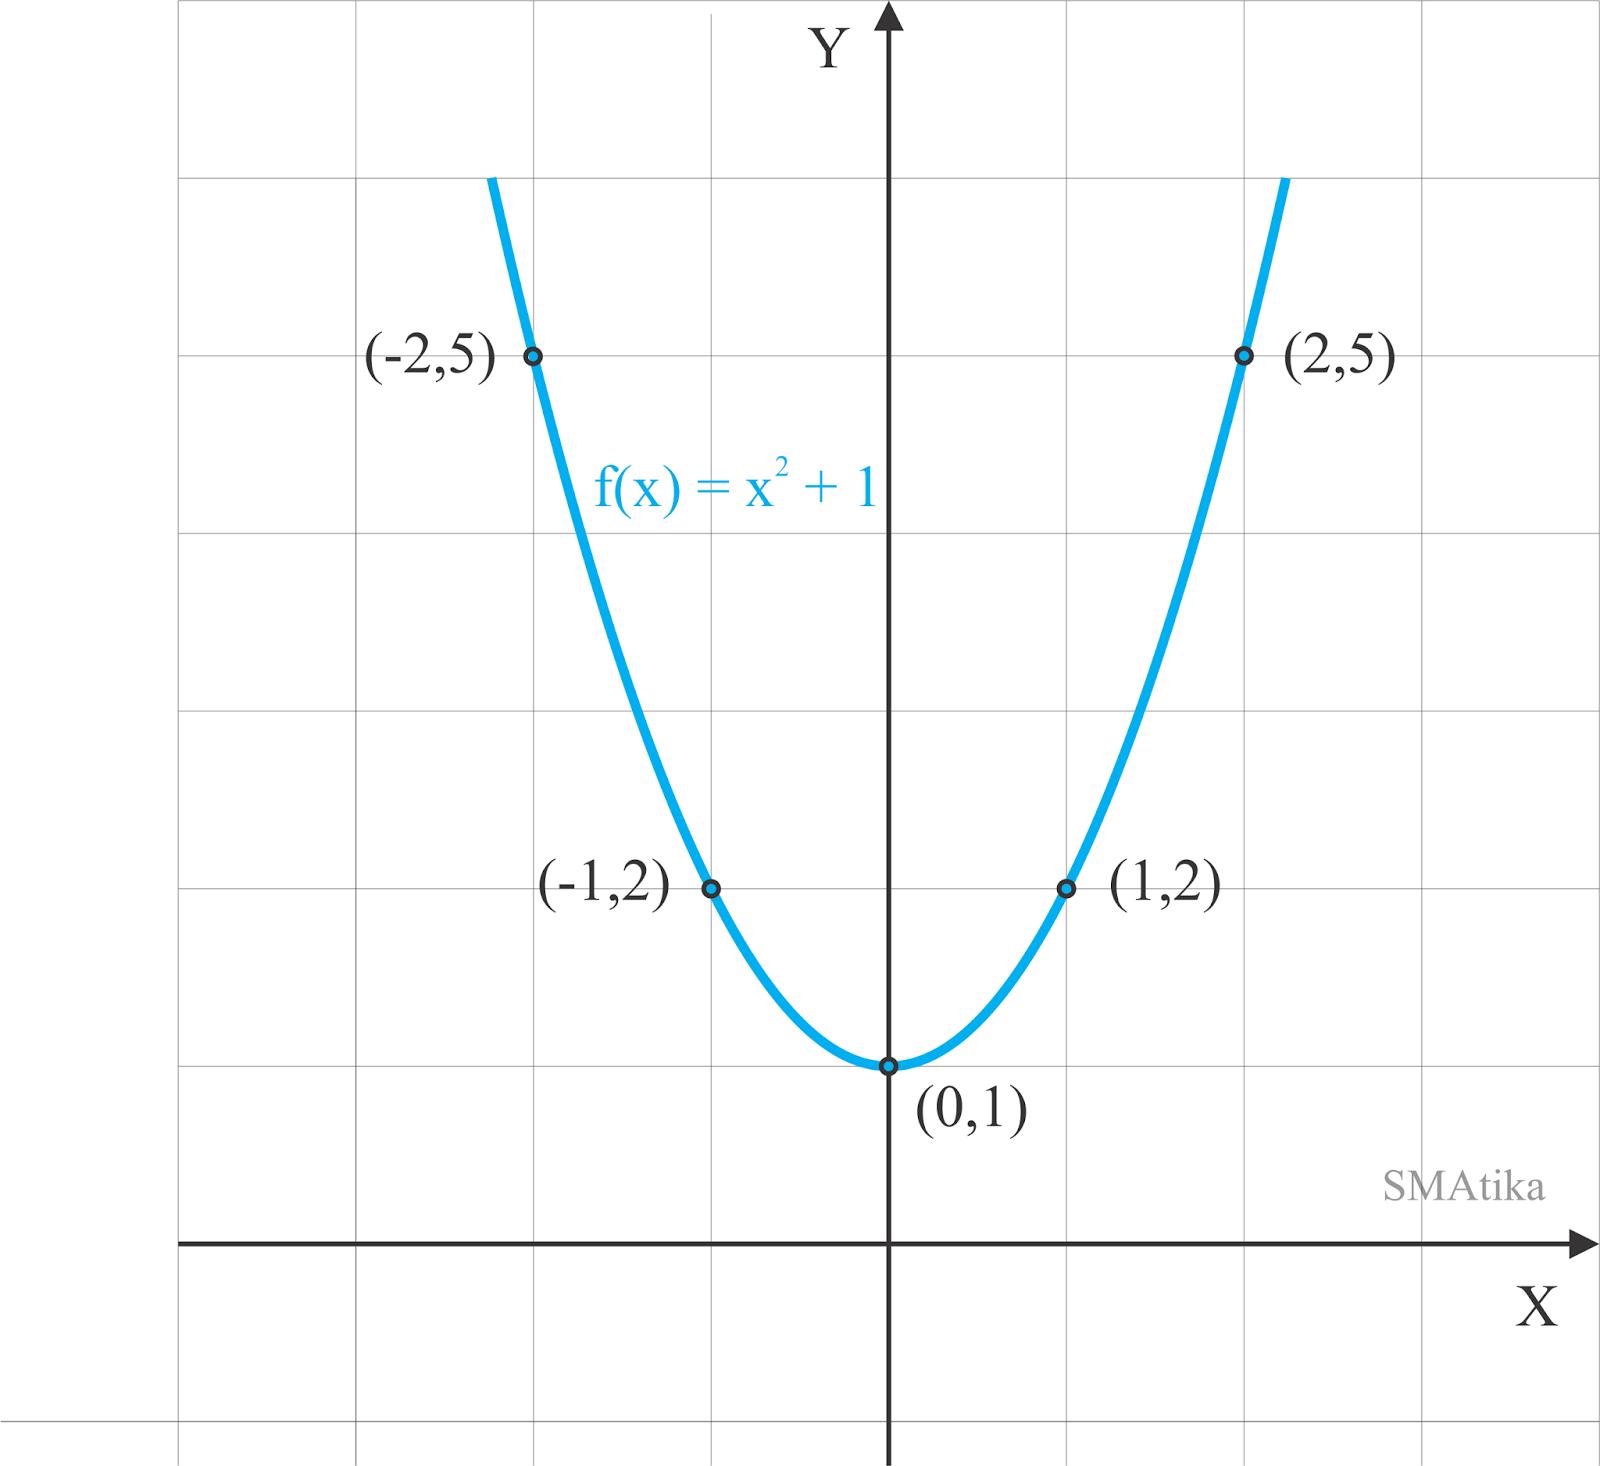 Sketsa grafik f(x) = x^2 + 1